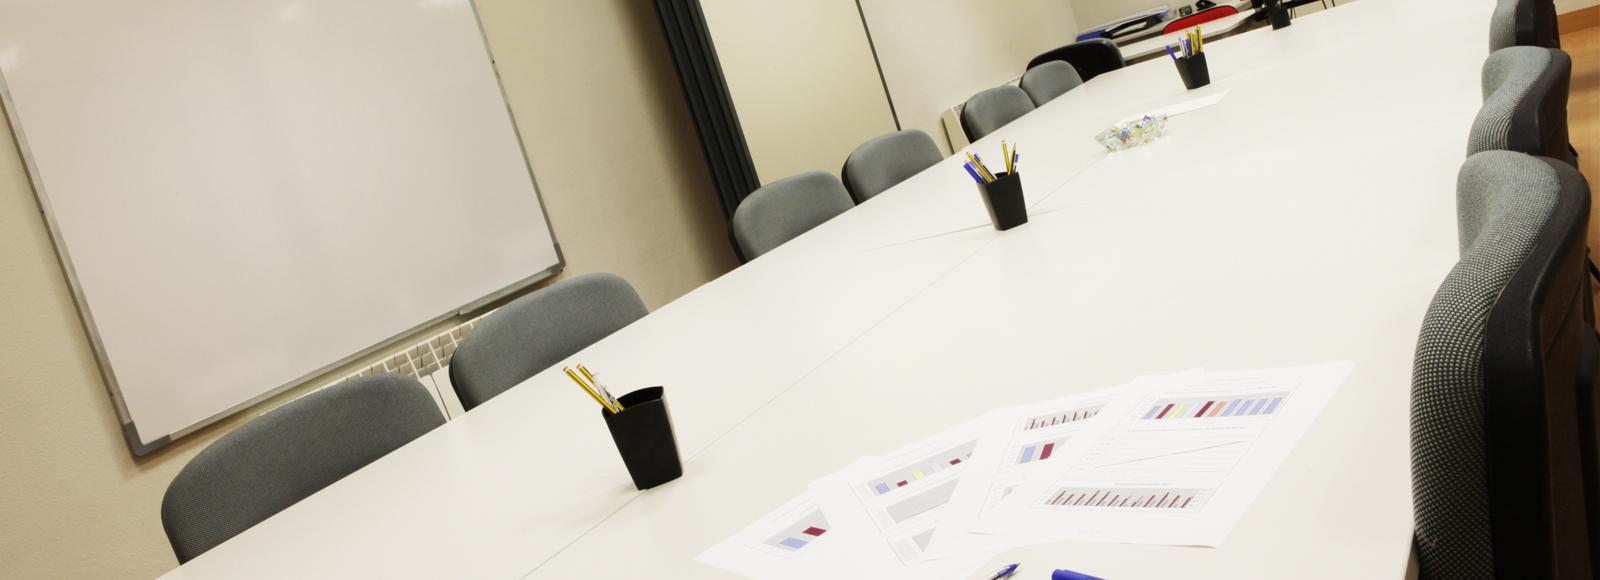 Curso de creación y gestión de empresas